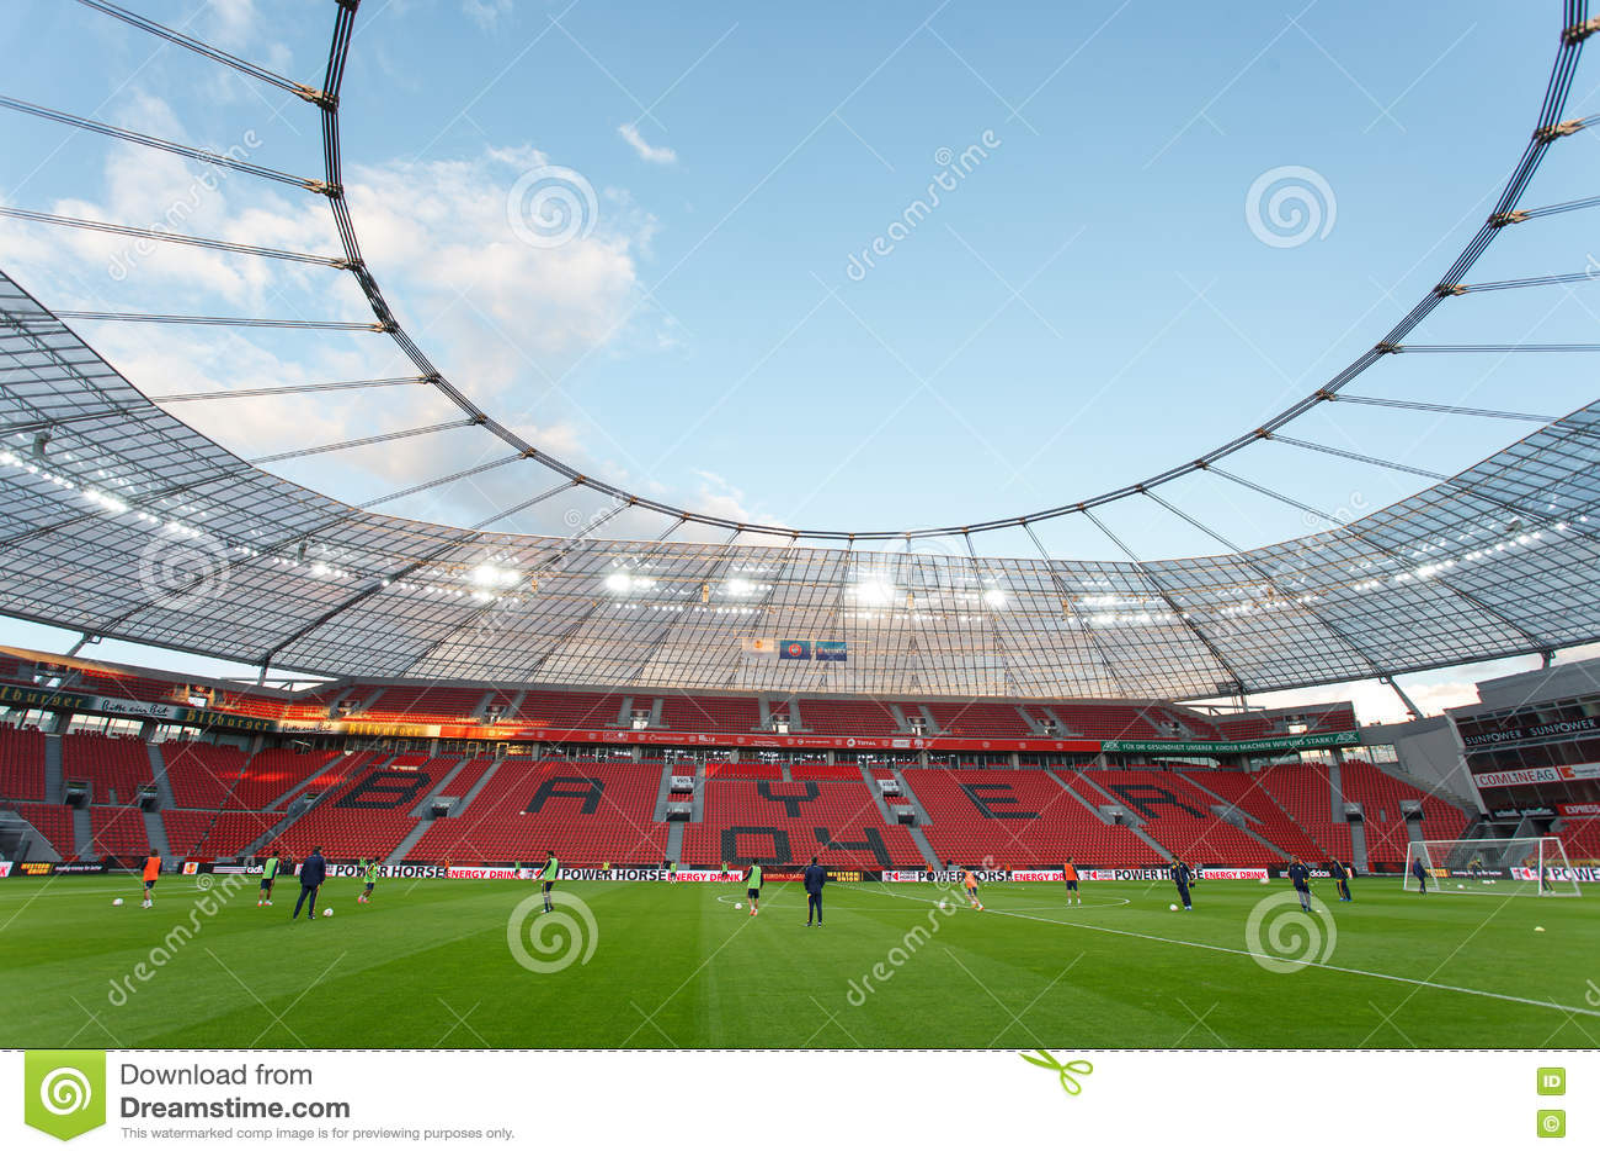 BayArena Stadium editorial stock photo. Image of bayarena - 75923963 188208d8c1a25